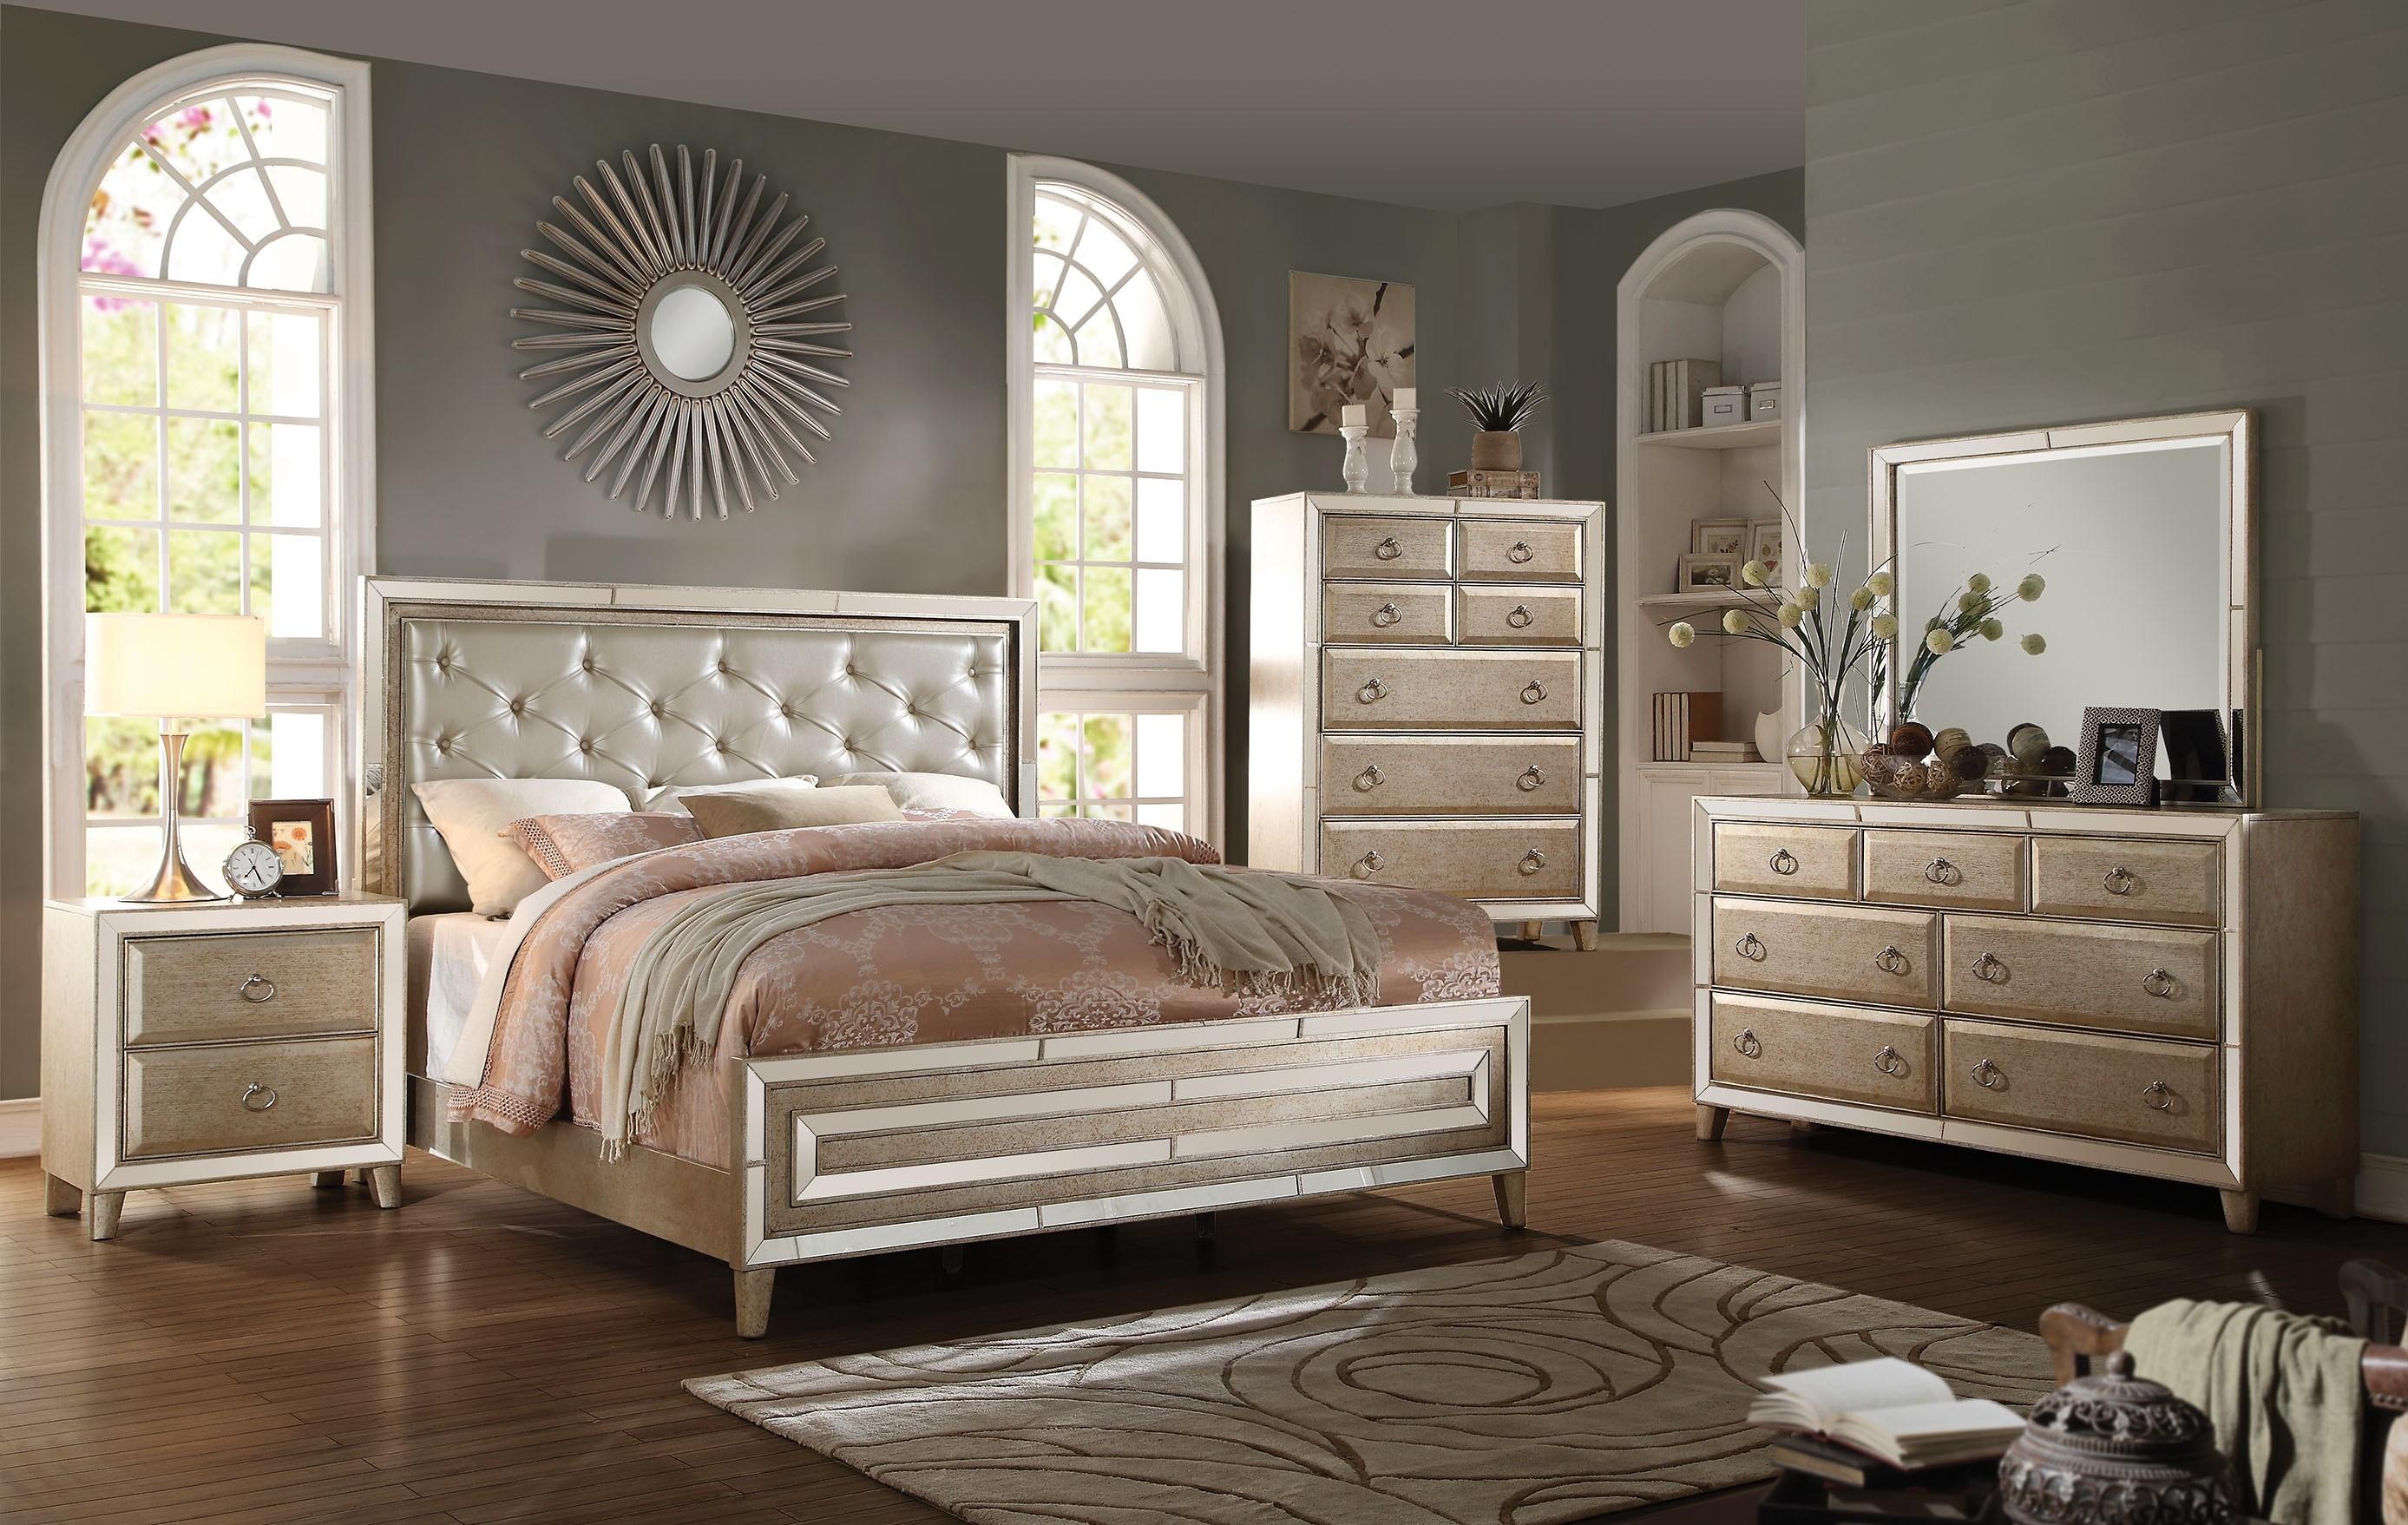 صوره غرف نوم كلاسيك , اجمل غرف نوم كلاسيك لبيتك